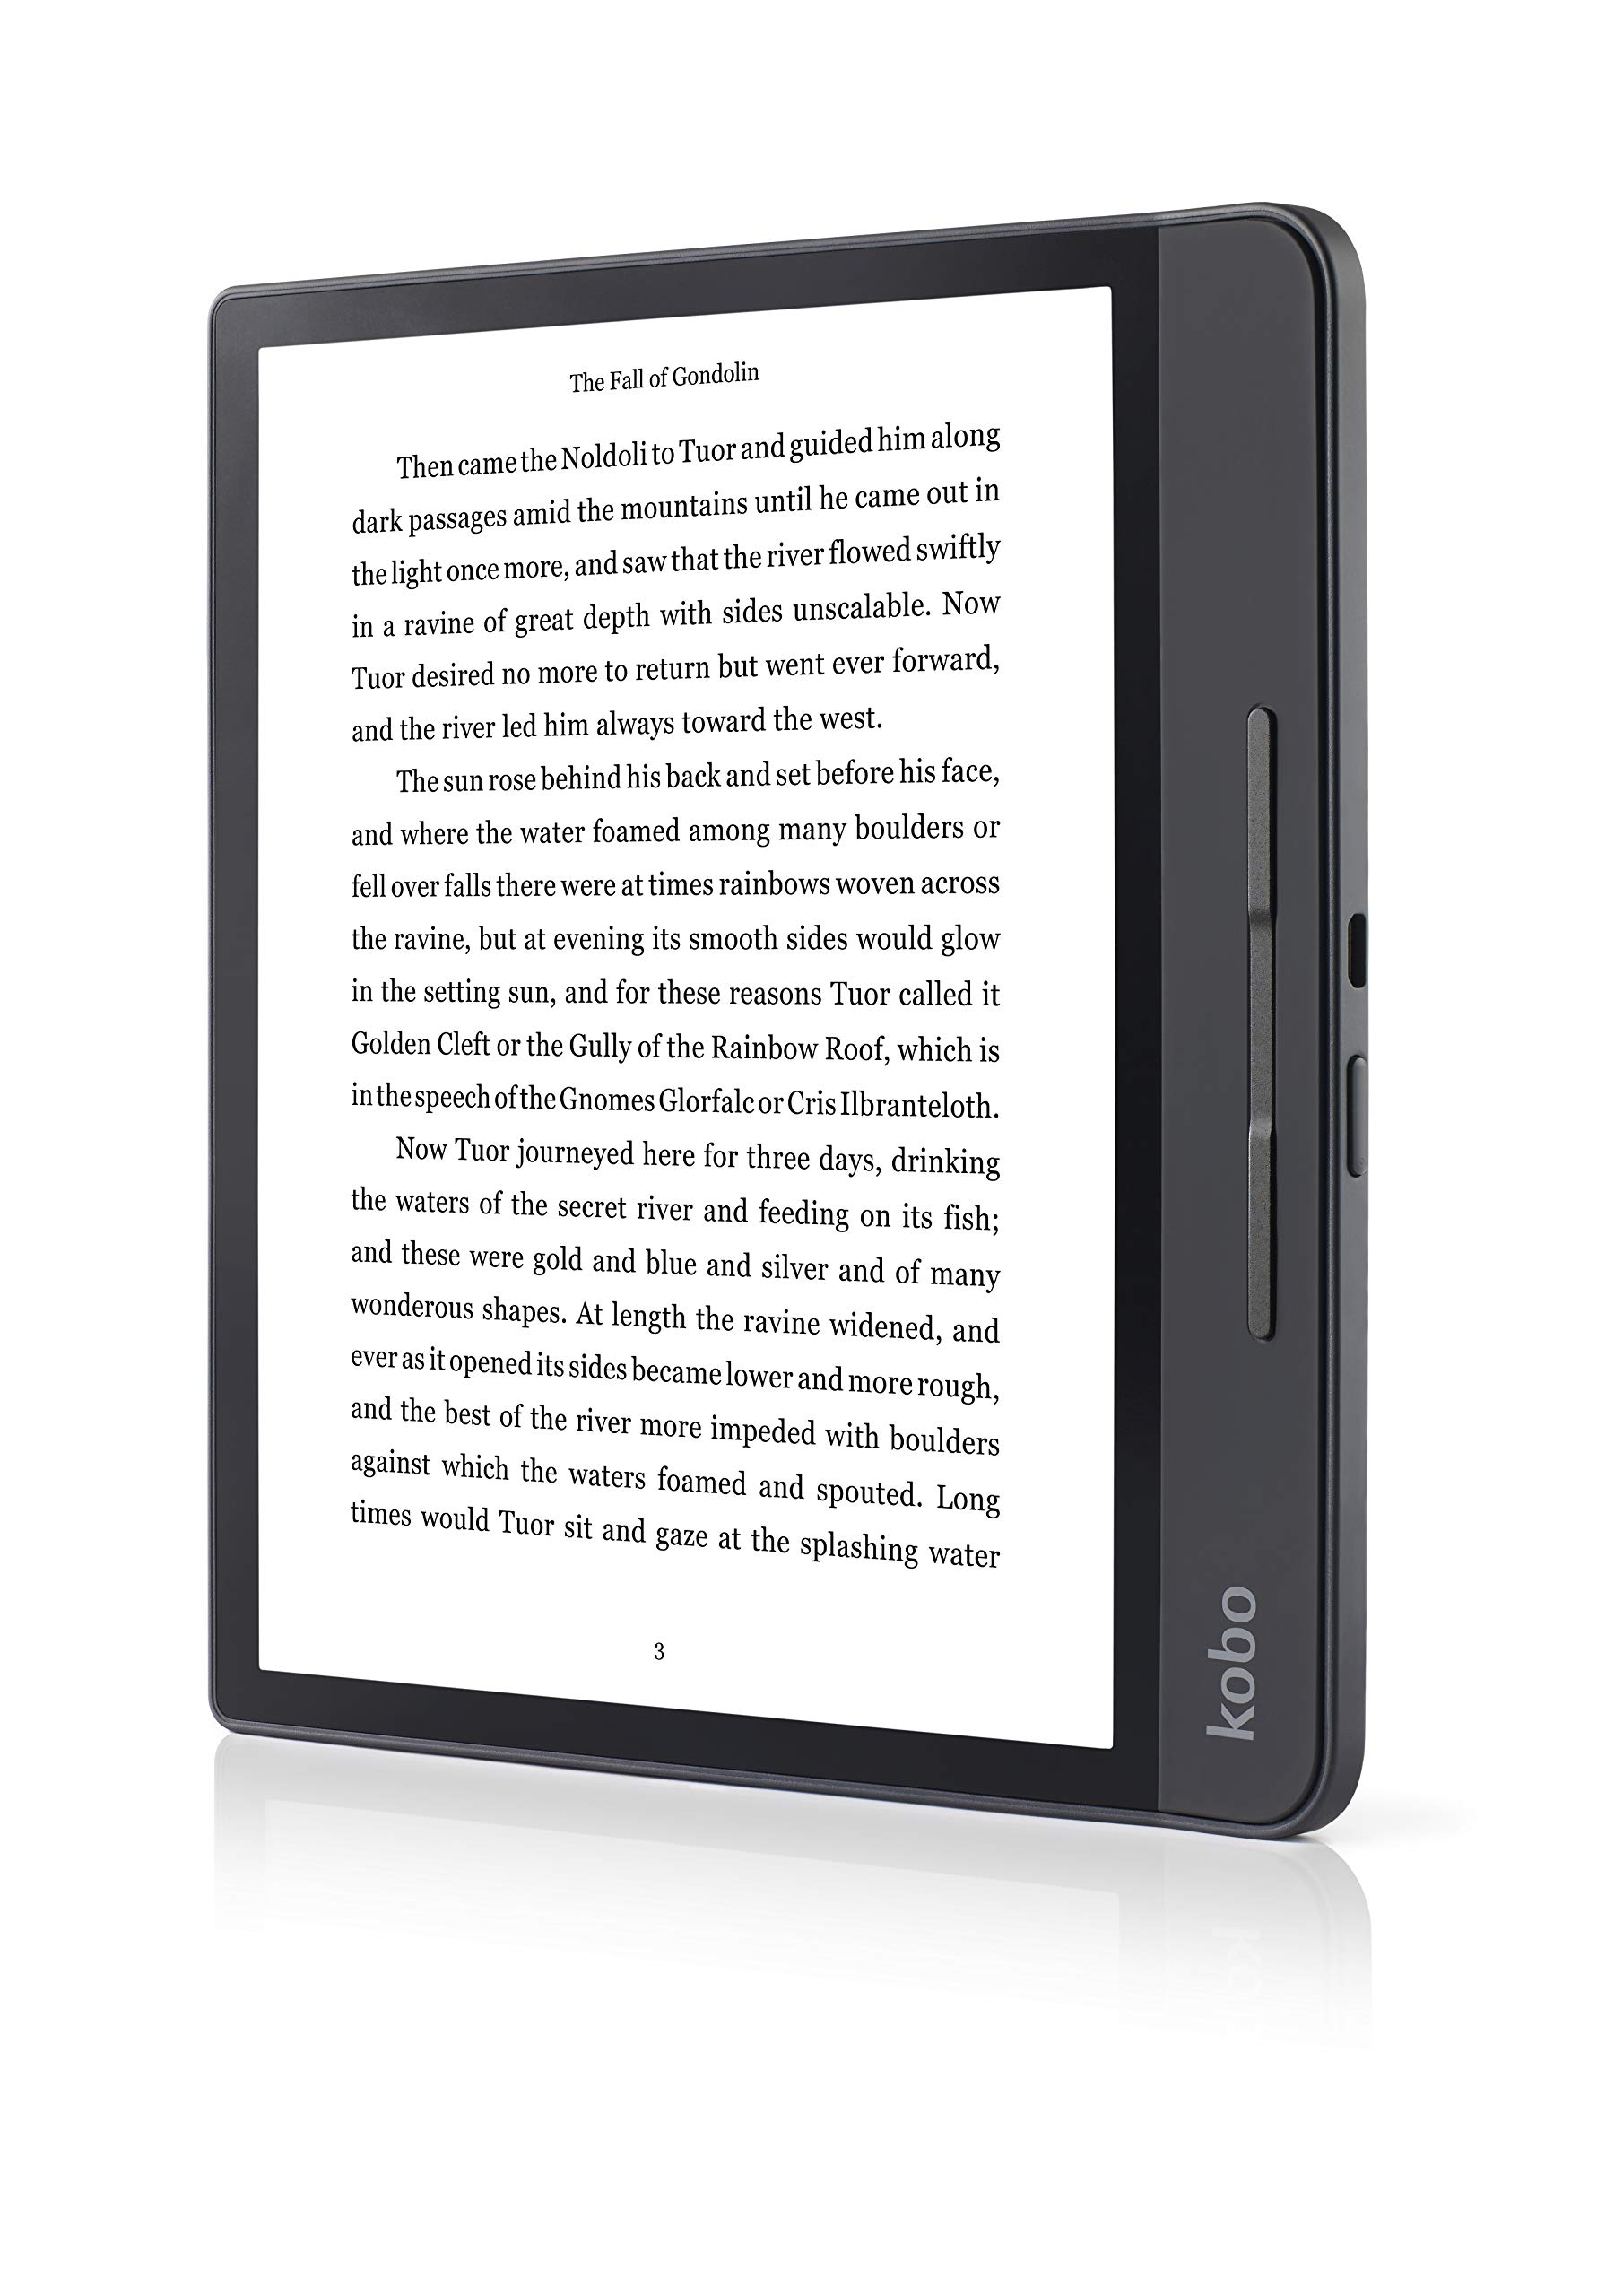 Rakuten Kobo Forma - Lector de libros electrónicos con Pantalla ...